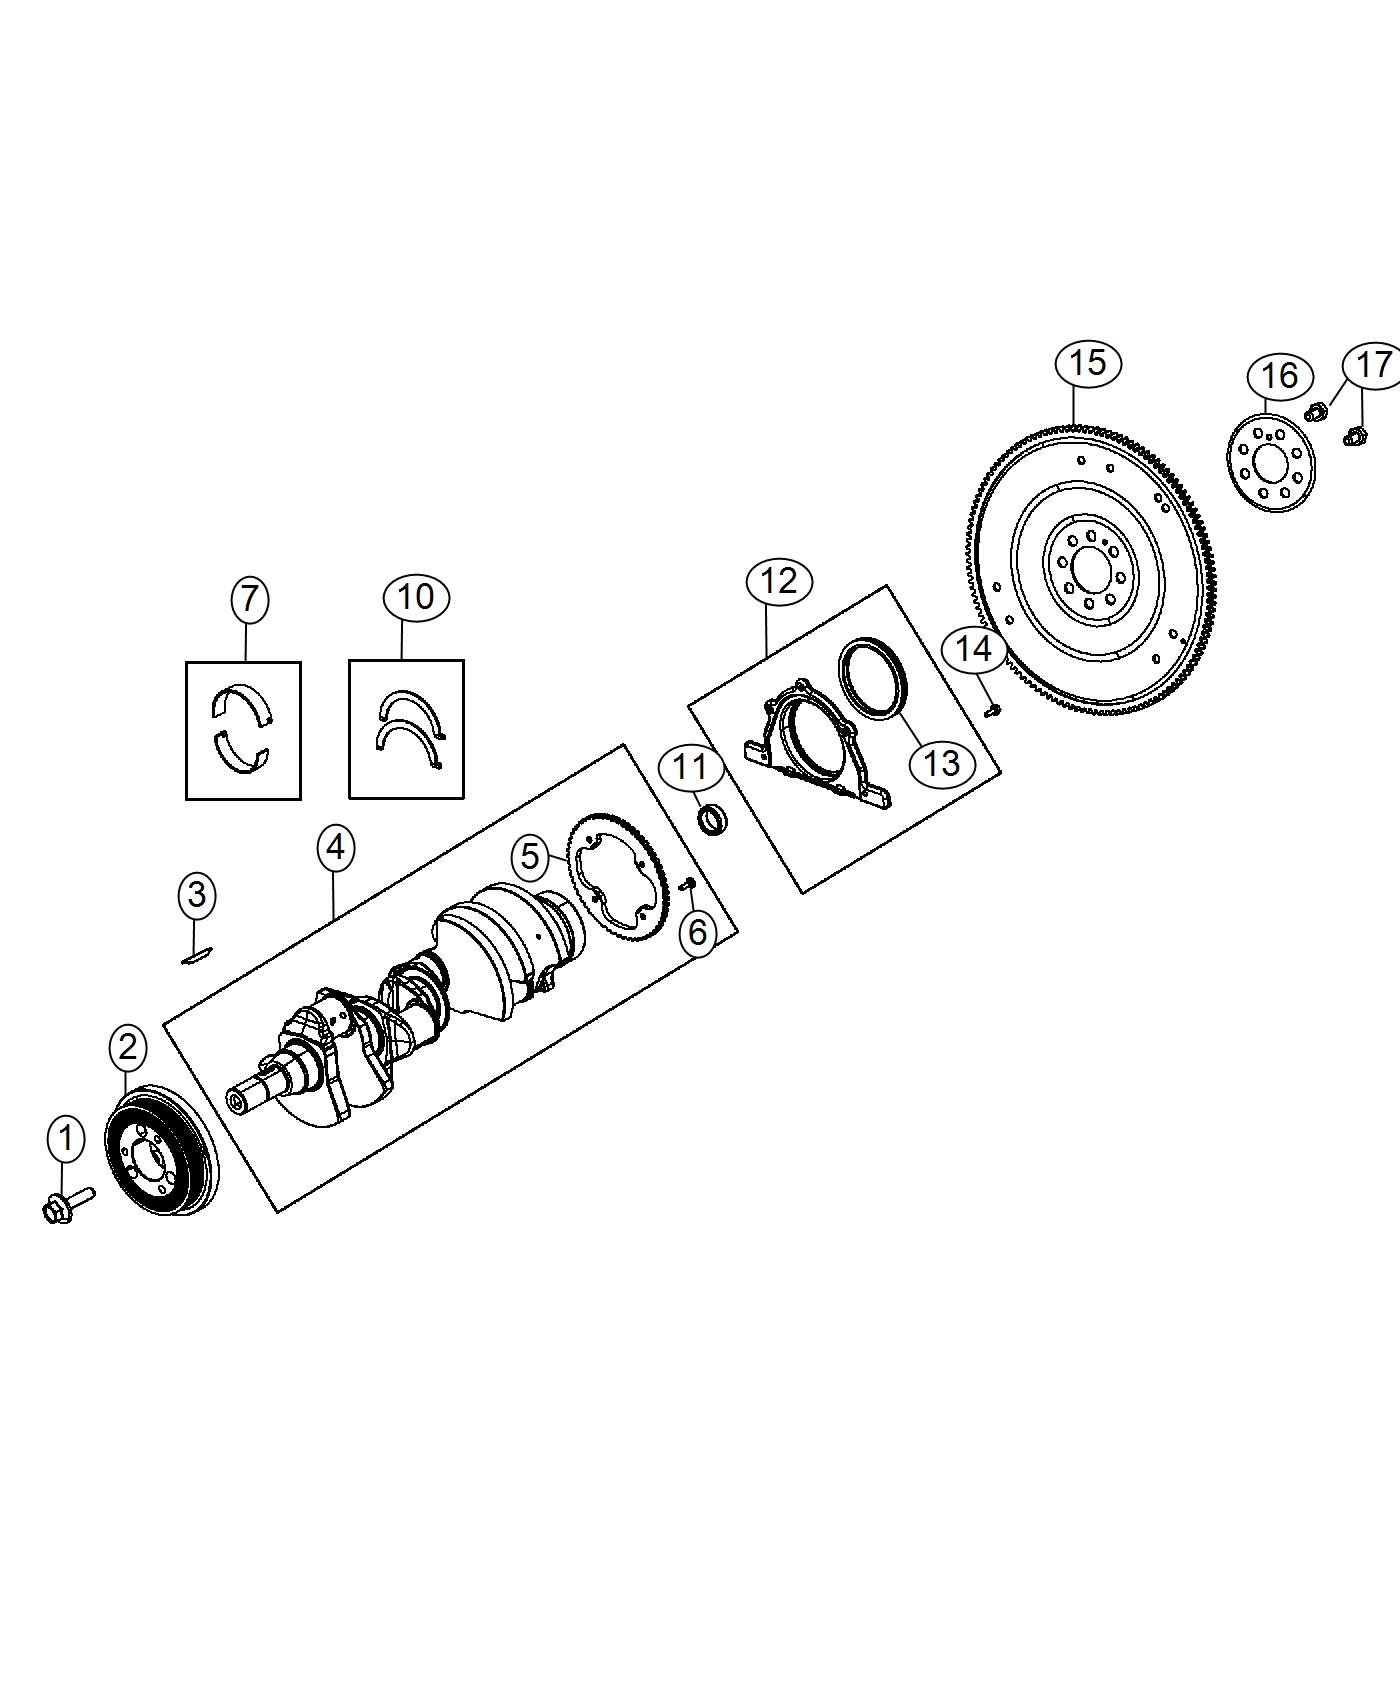 Ram Plate Torque Converter Drive Crankshaft